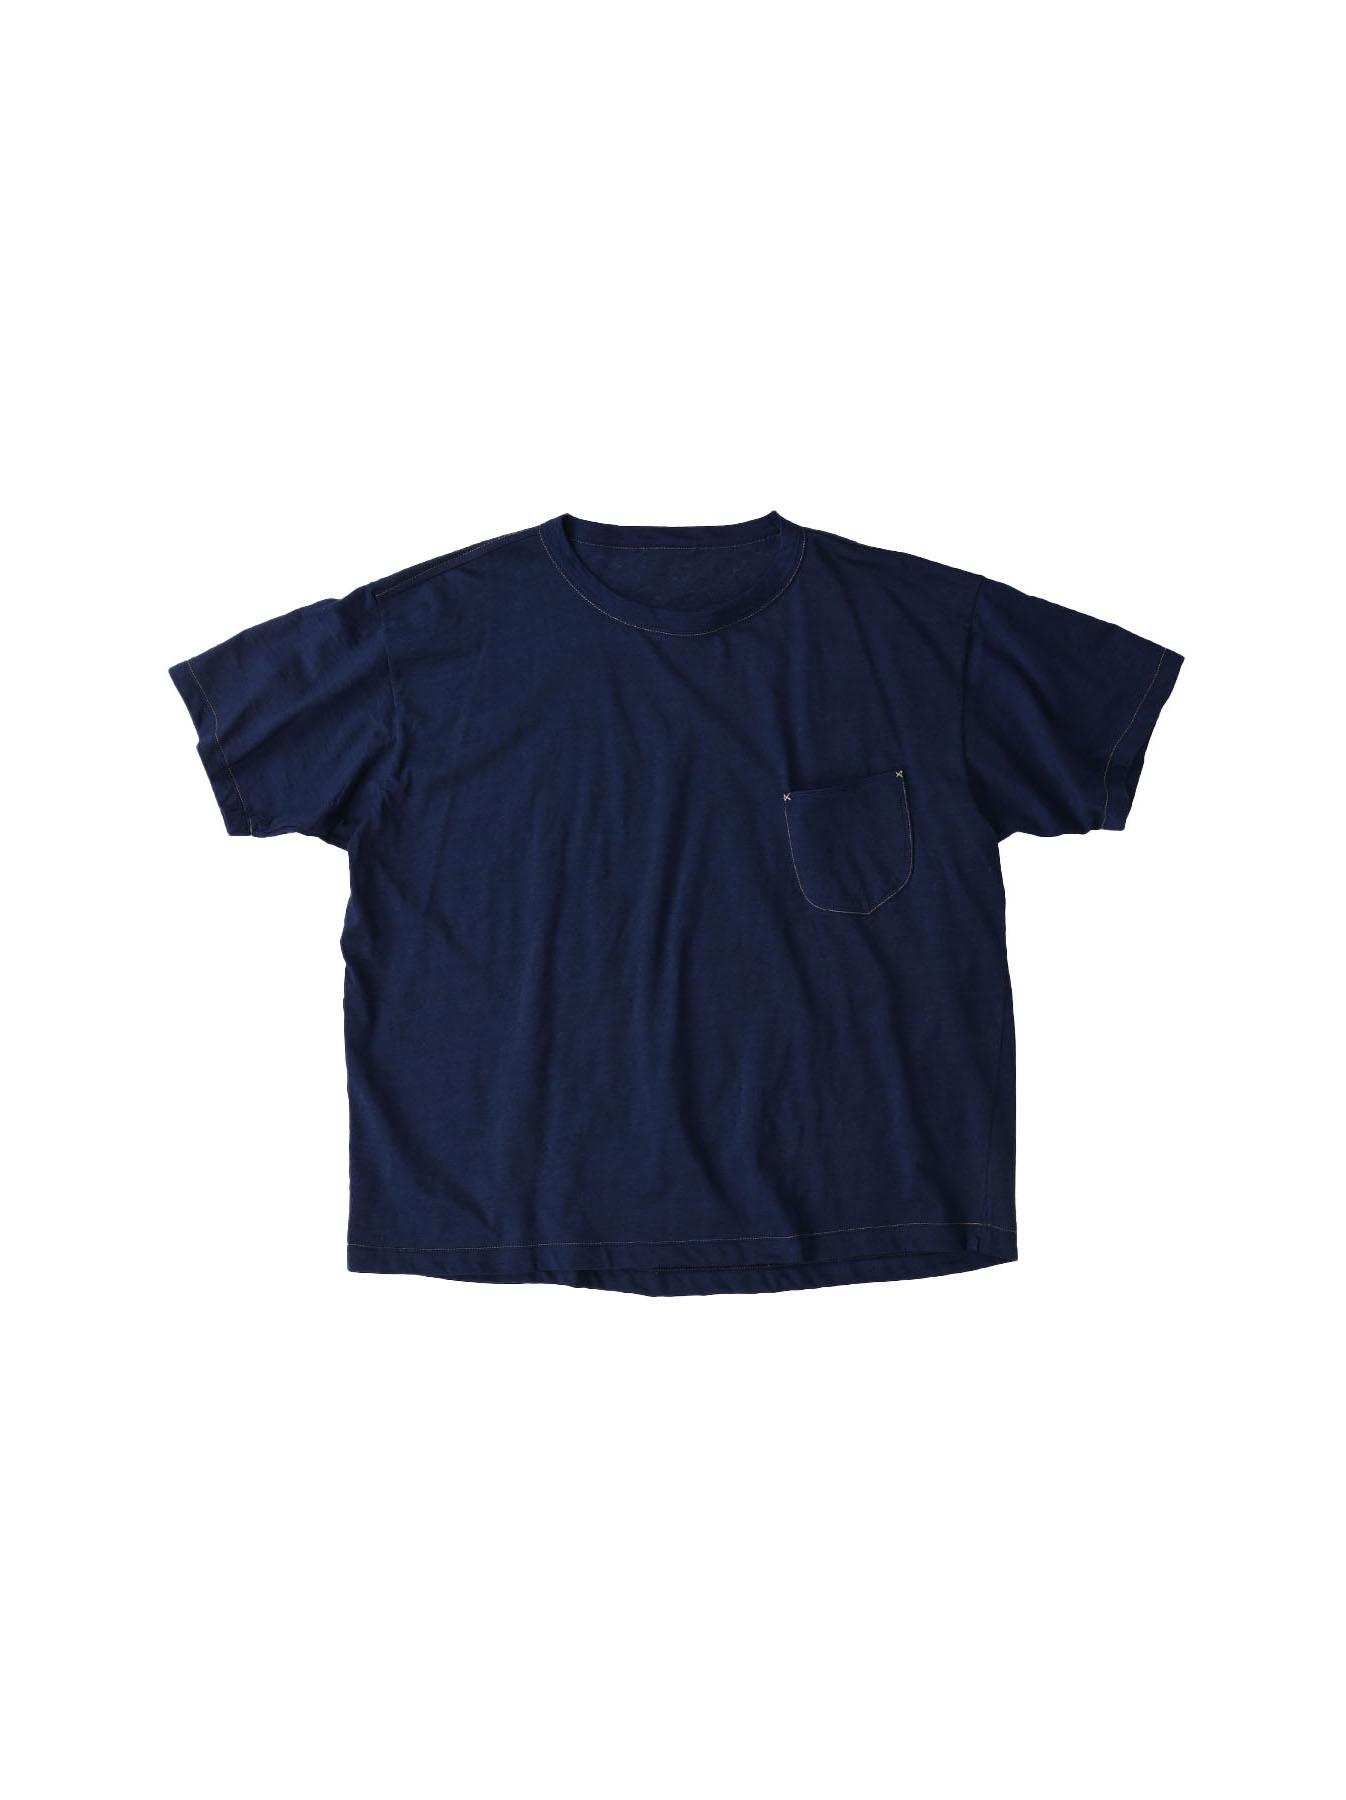 Indigo Tenjiku 908 Ocean T-Shirt (0621)-1